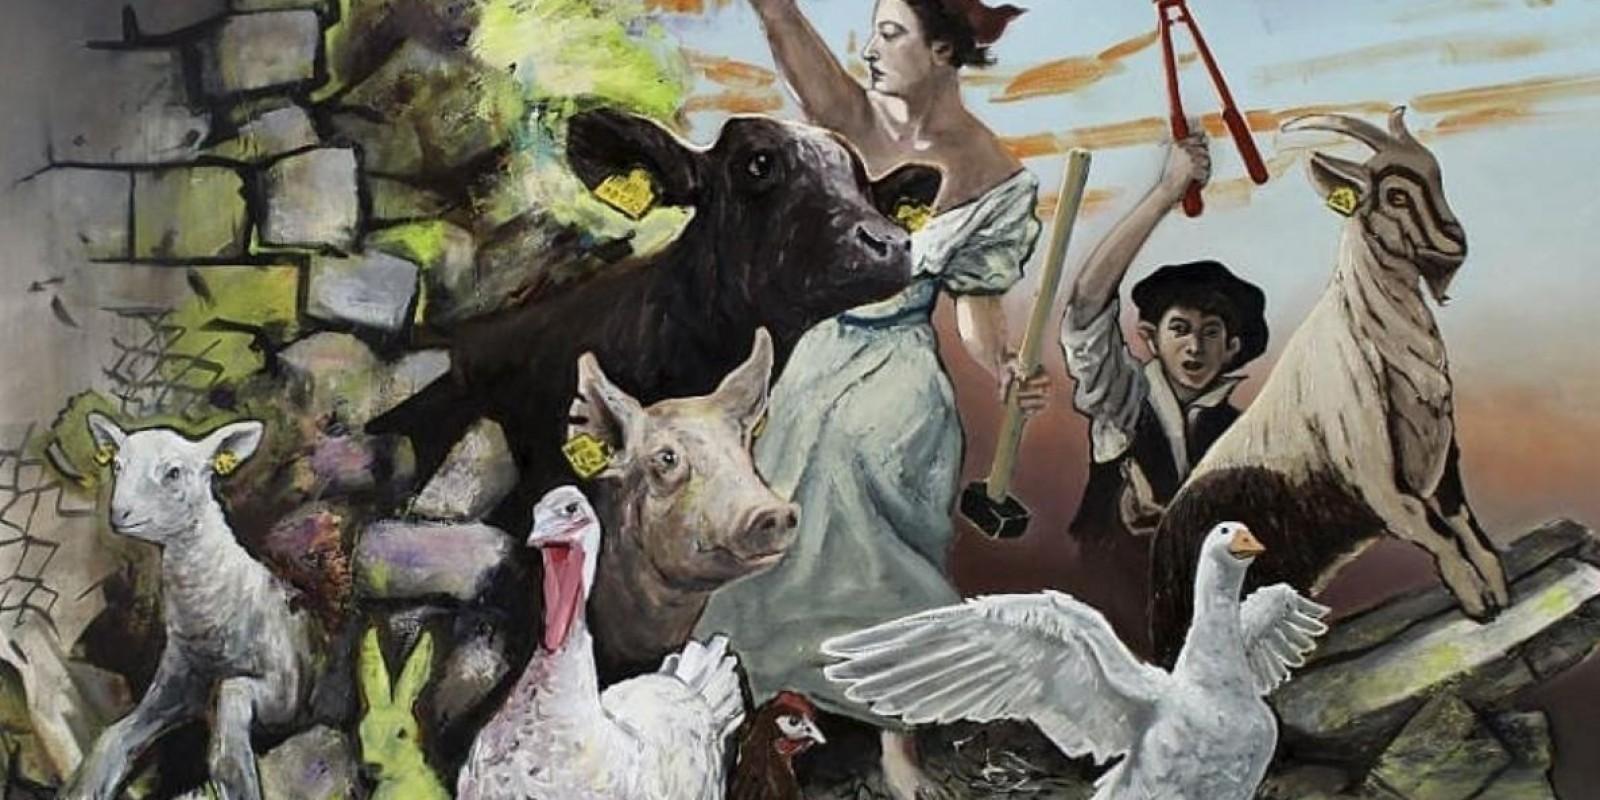 Manifesto pela libertação dos animais